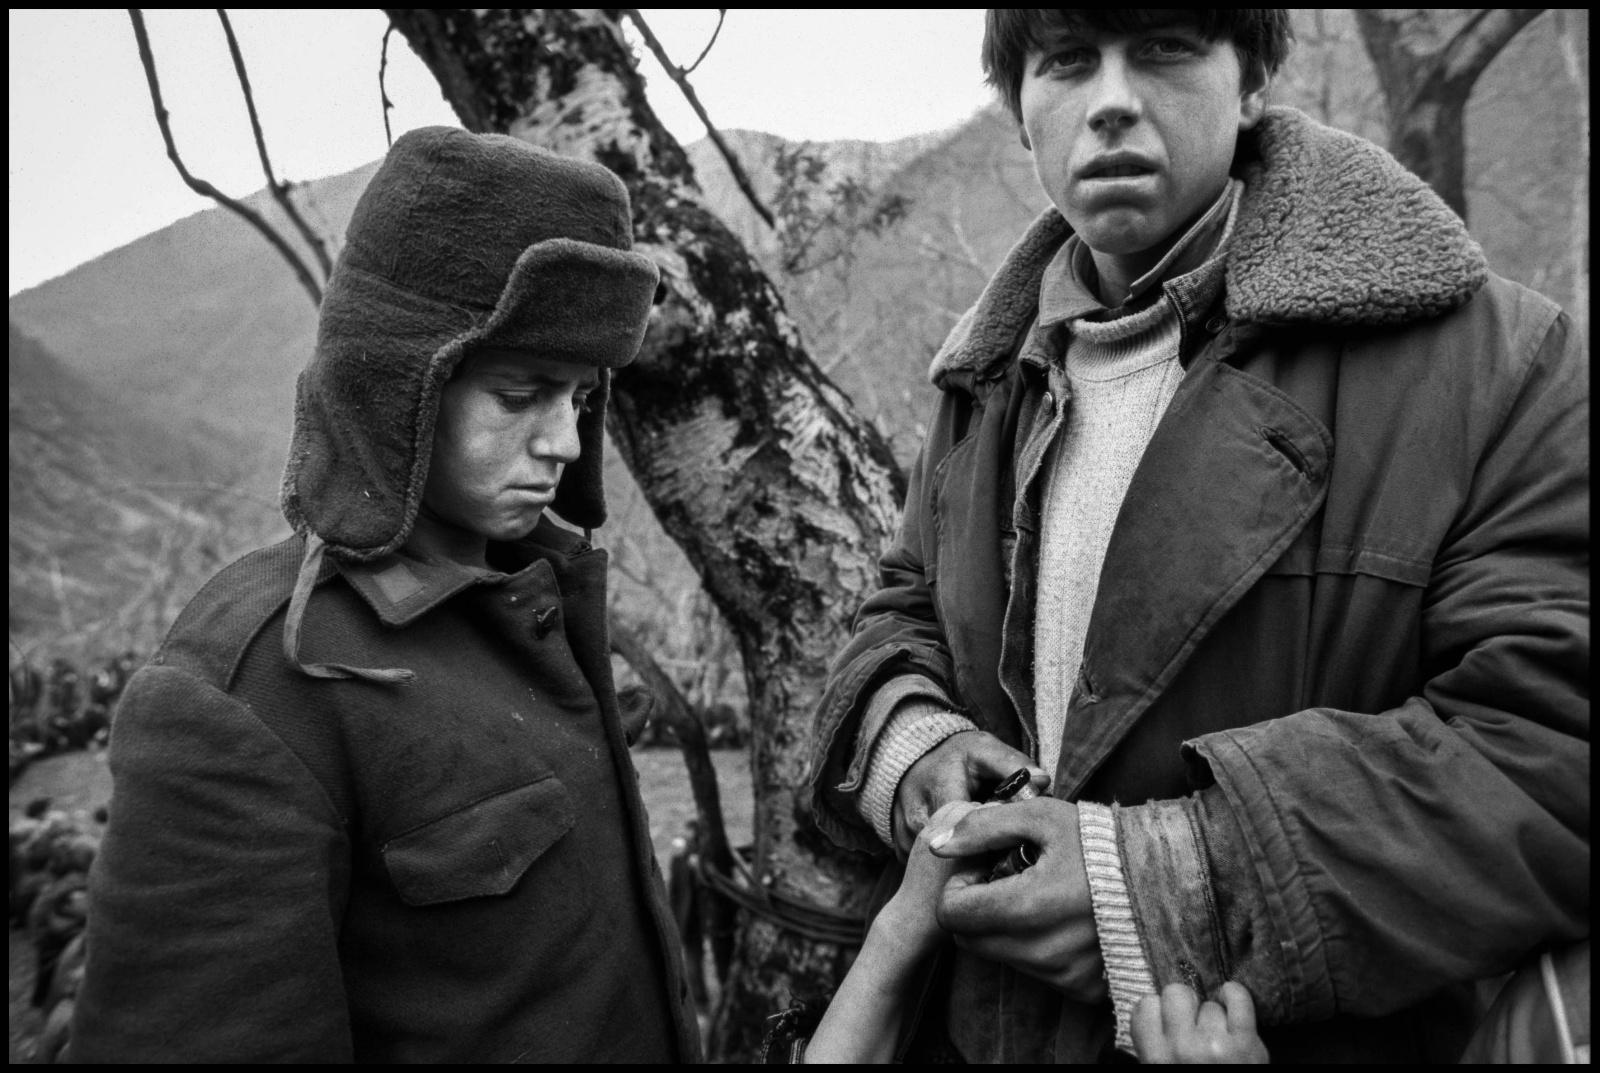 Albania 1997, durante la rivolta popolare dovuta al crollo delle imprese finanziarie piramidali, il paese si è trovato allo sbando e nelle mani delle bande di criminali.  Funerali nel villaggio di montagna di Selite